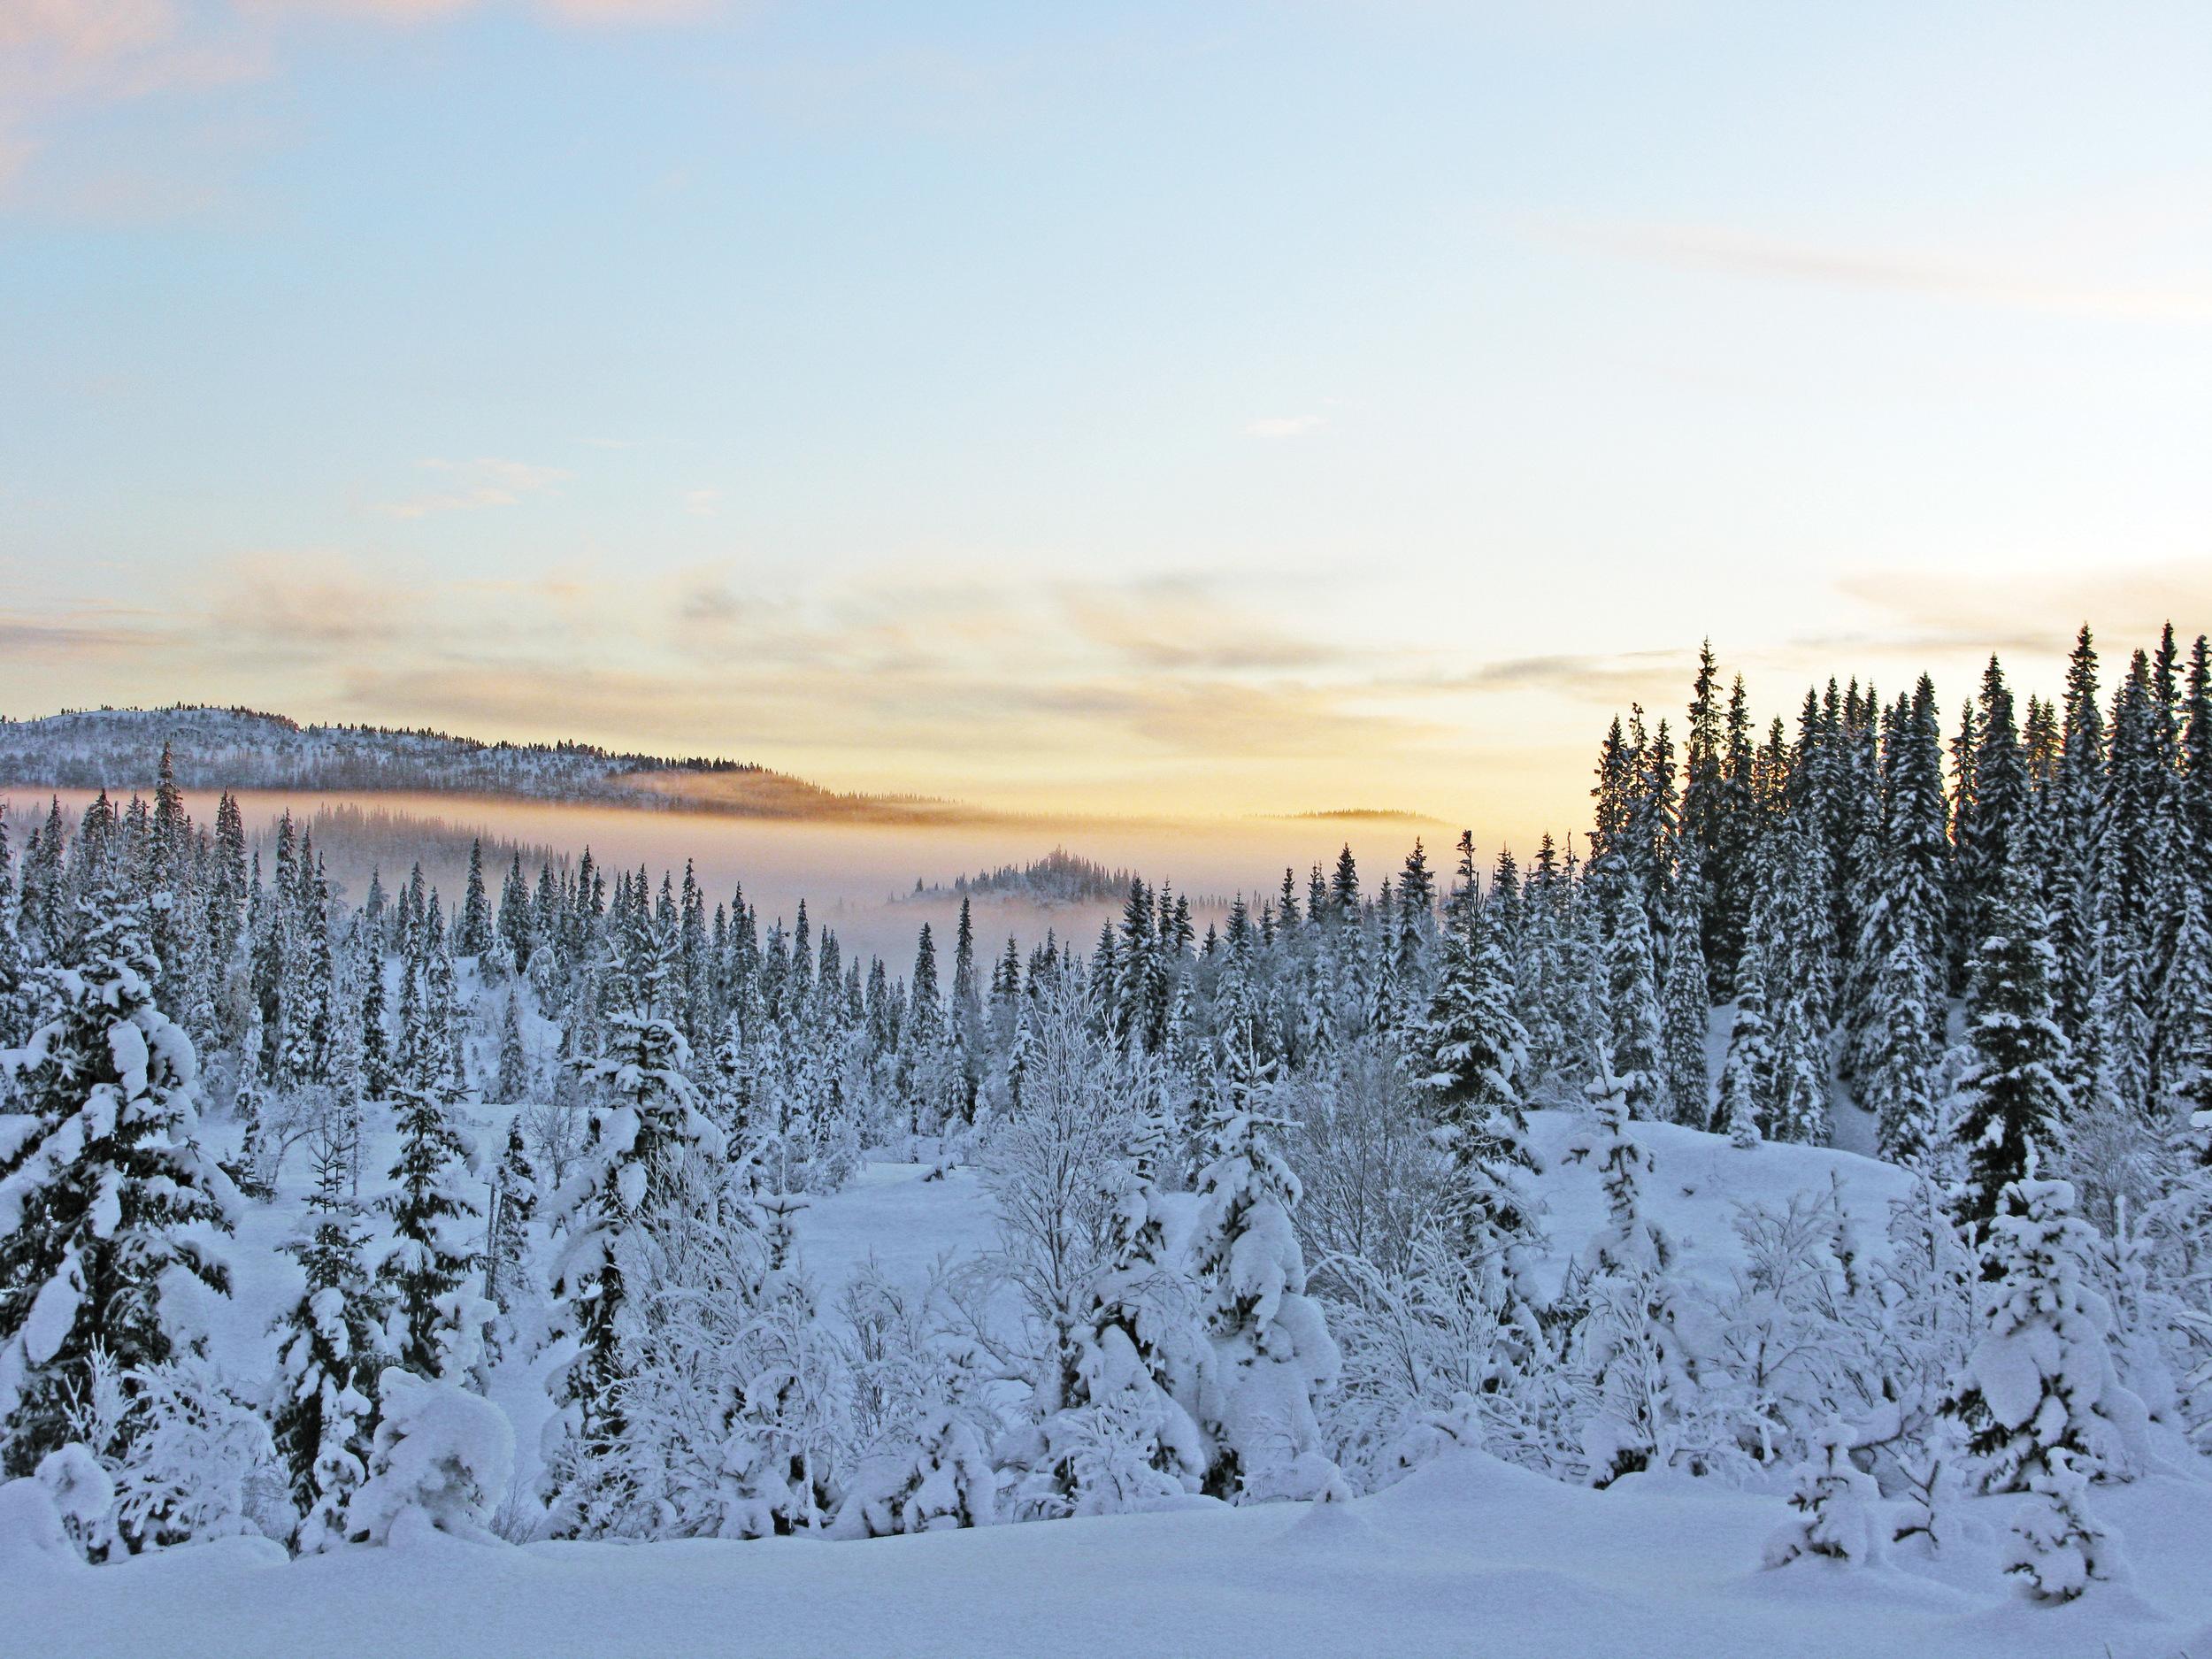 11 400 skogeiendommer eies av sameier. I gjennomsnitt har disse 2,9 eiere hver. Foto: Arne Steffenrem, NIBIO